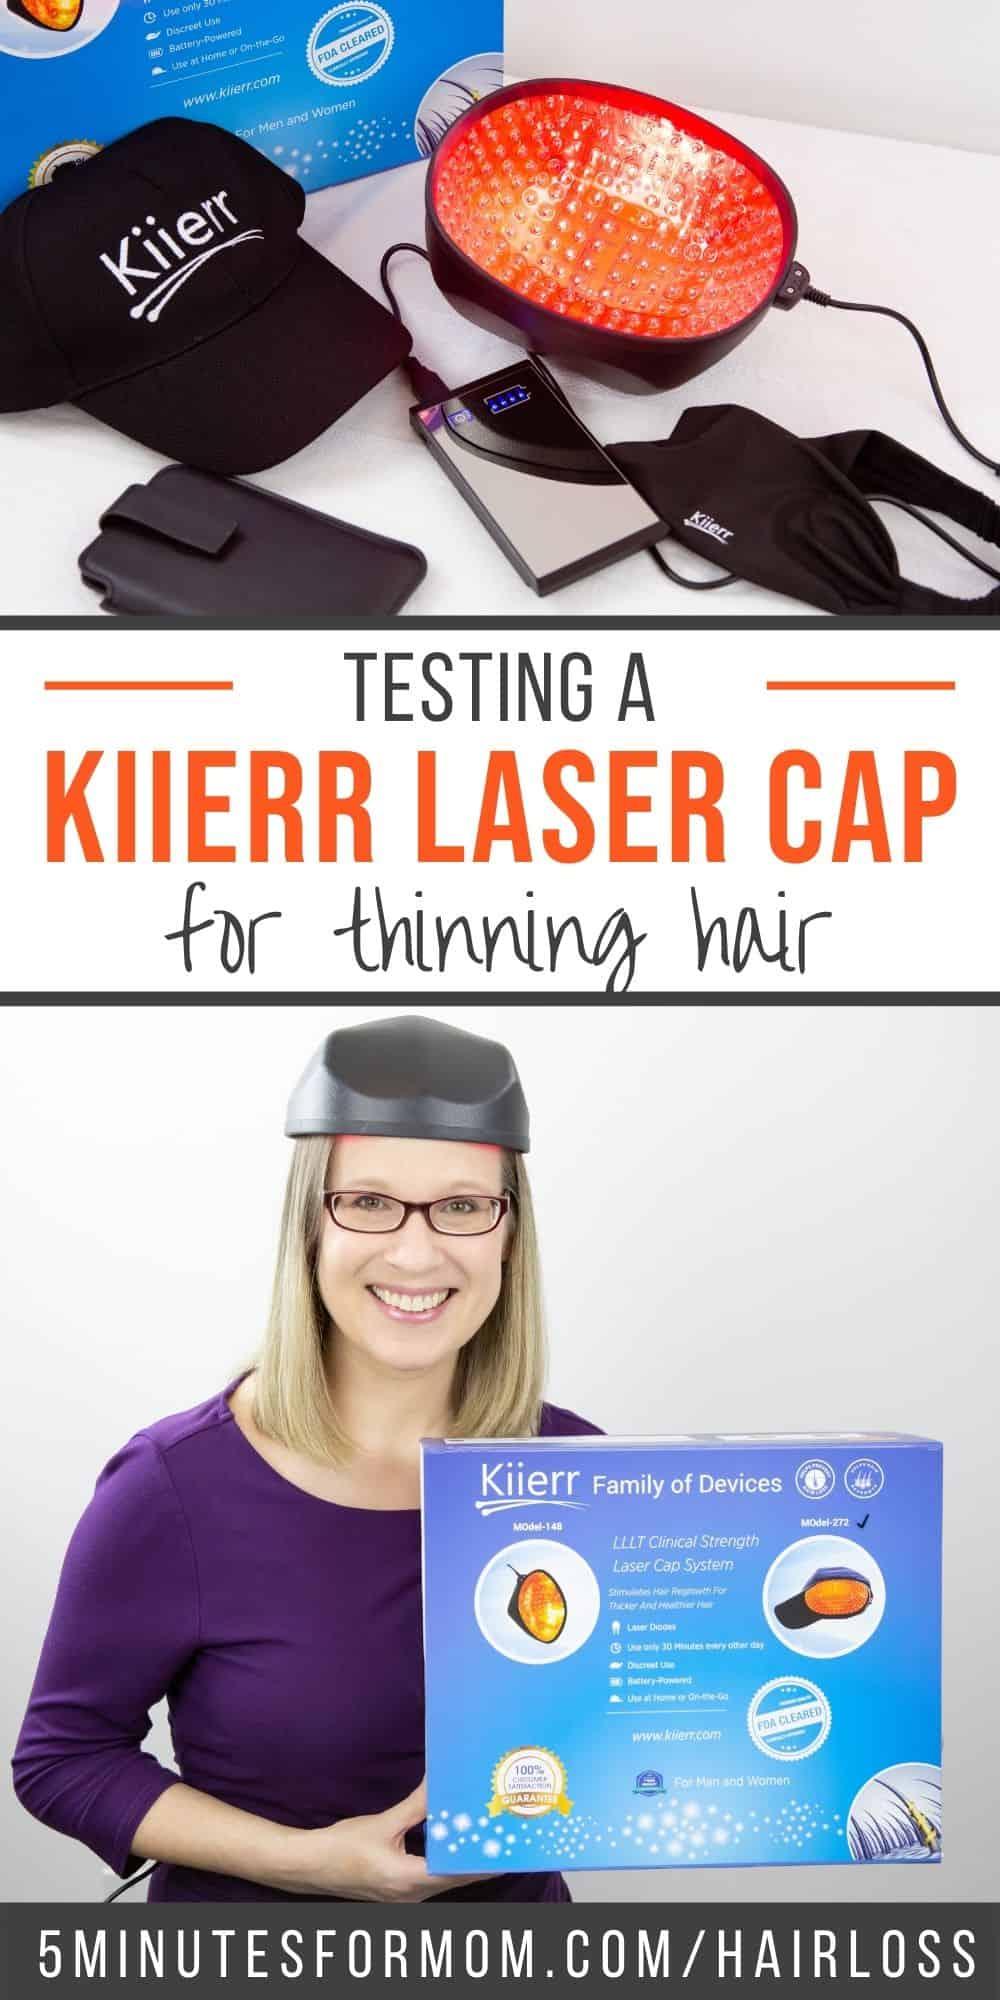 Testing a Kiierr Laser Cap for Thinning Hair